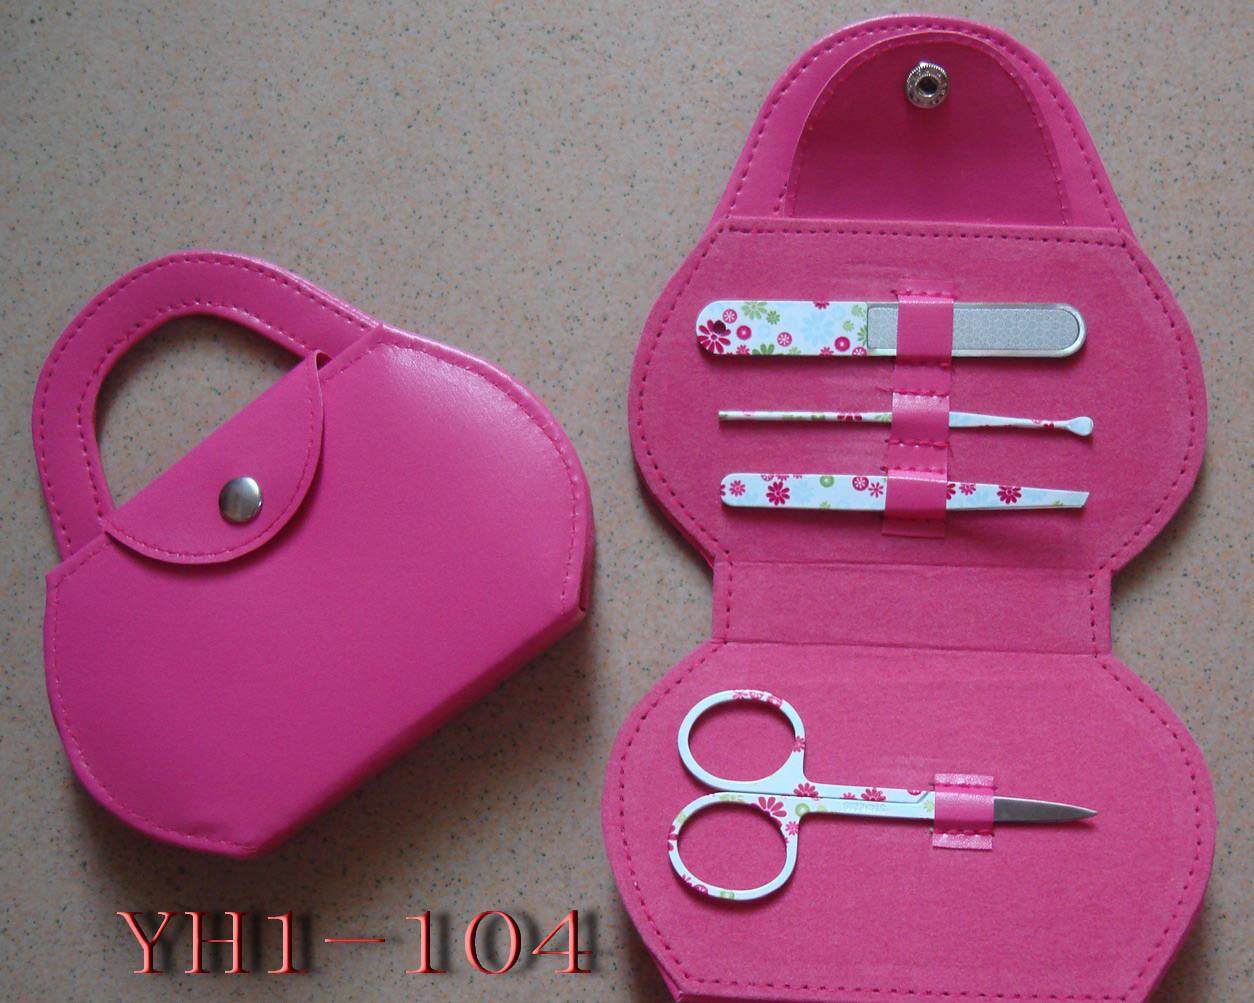 [تصویر:  Manicure-Tools-with-Bag-Packing-Nail-0102-.jpg]